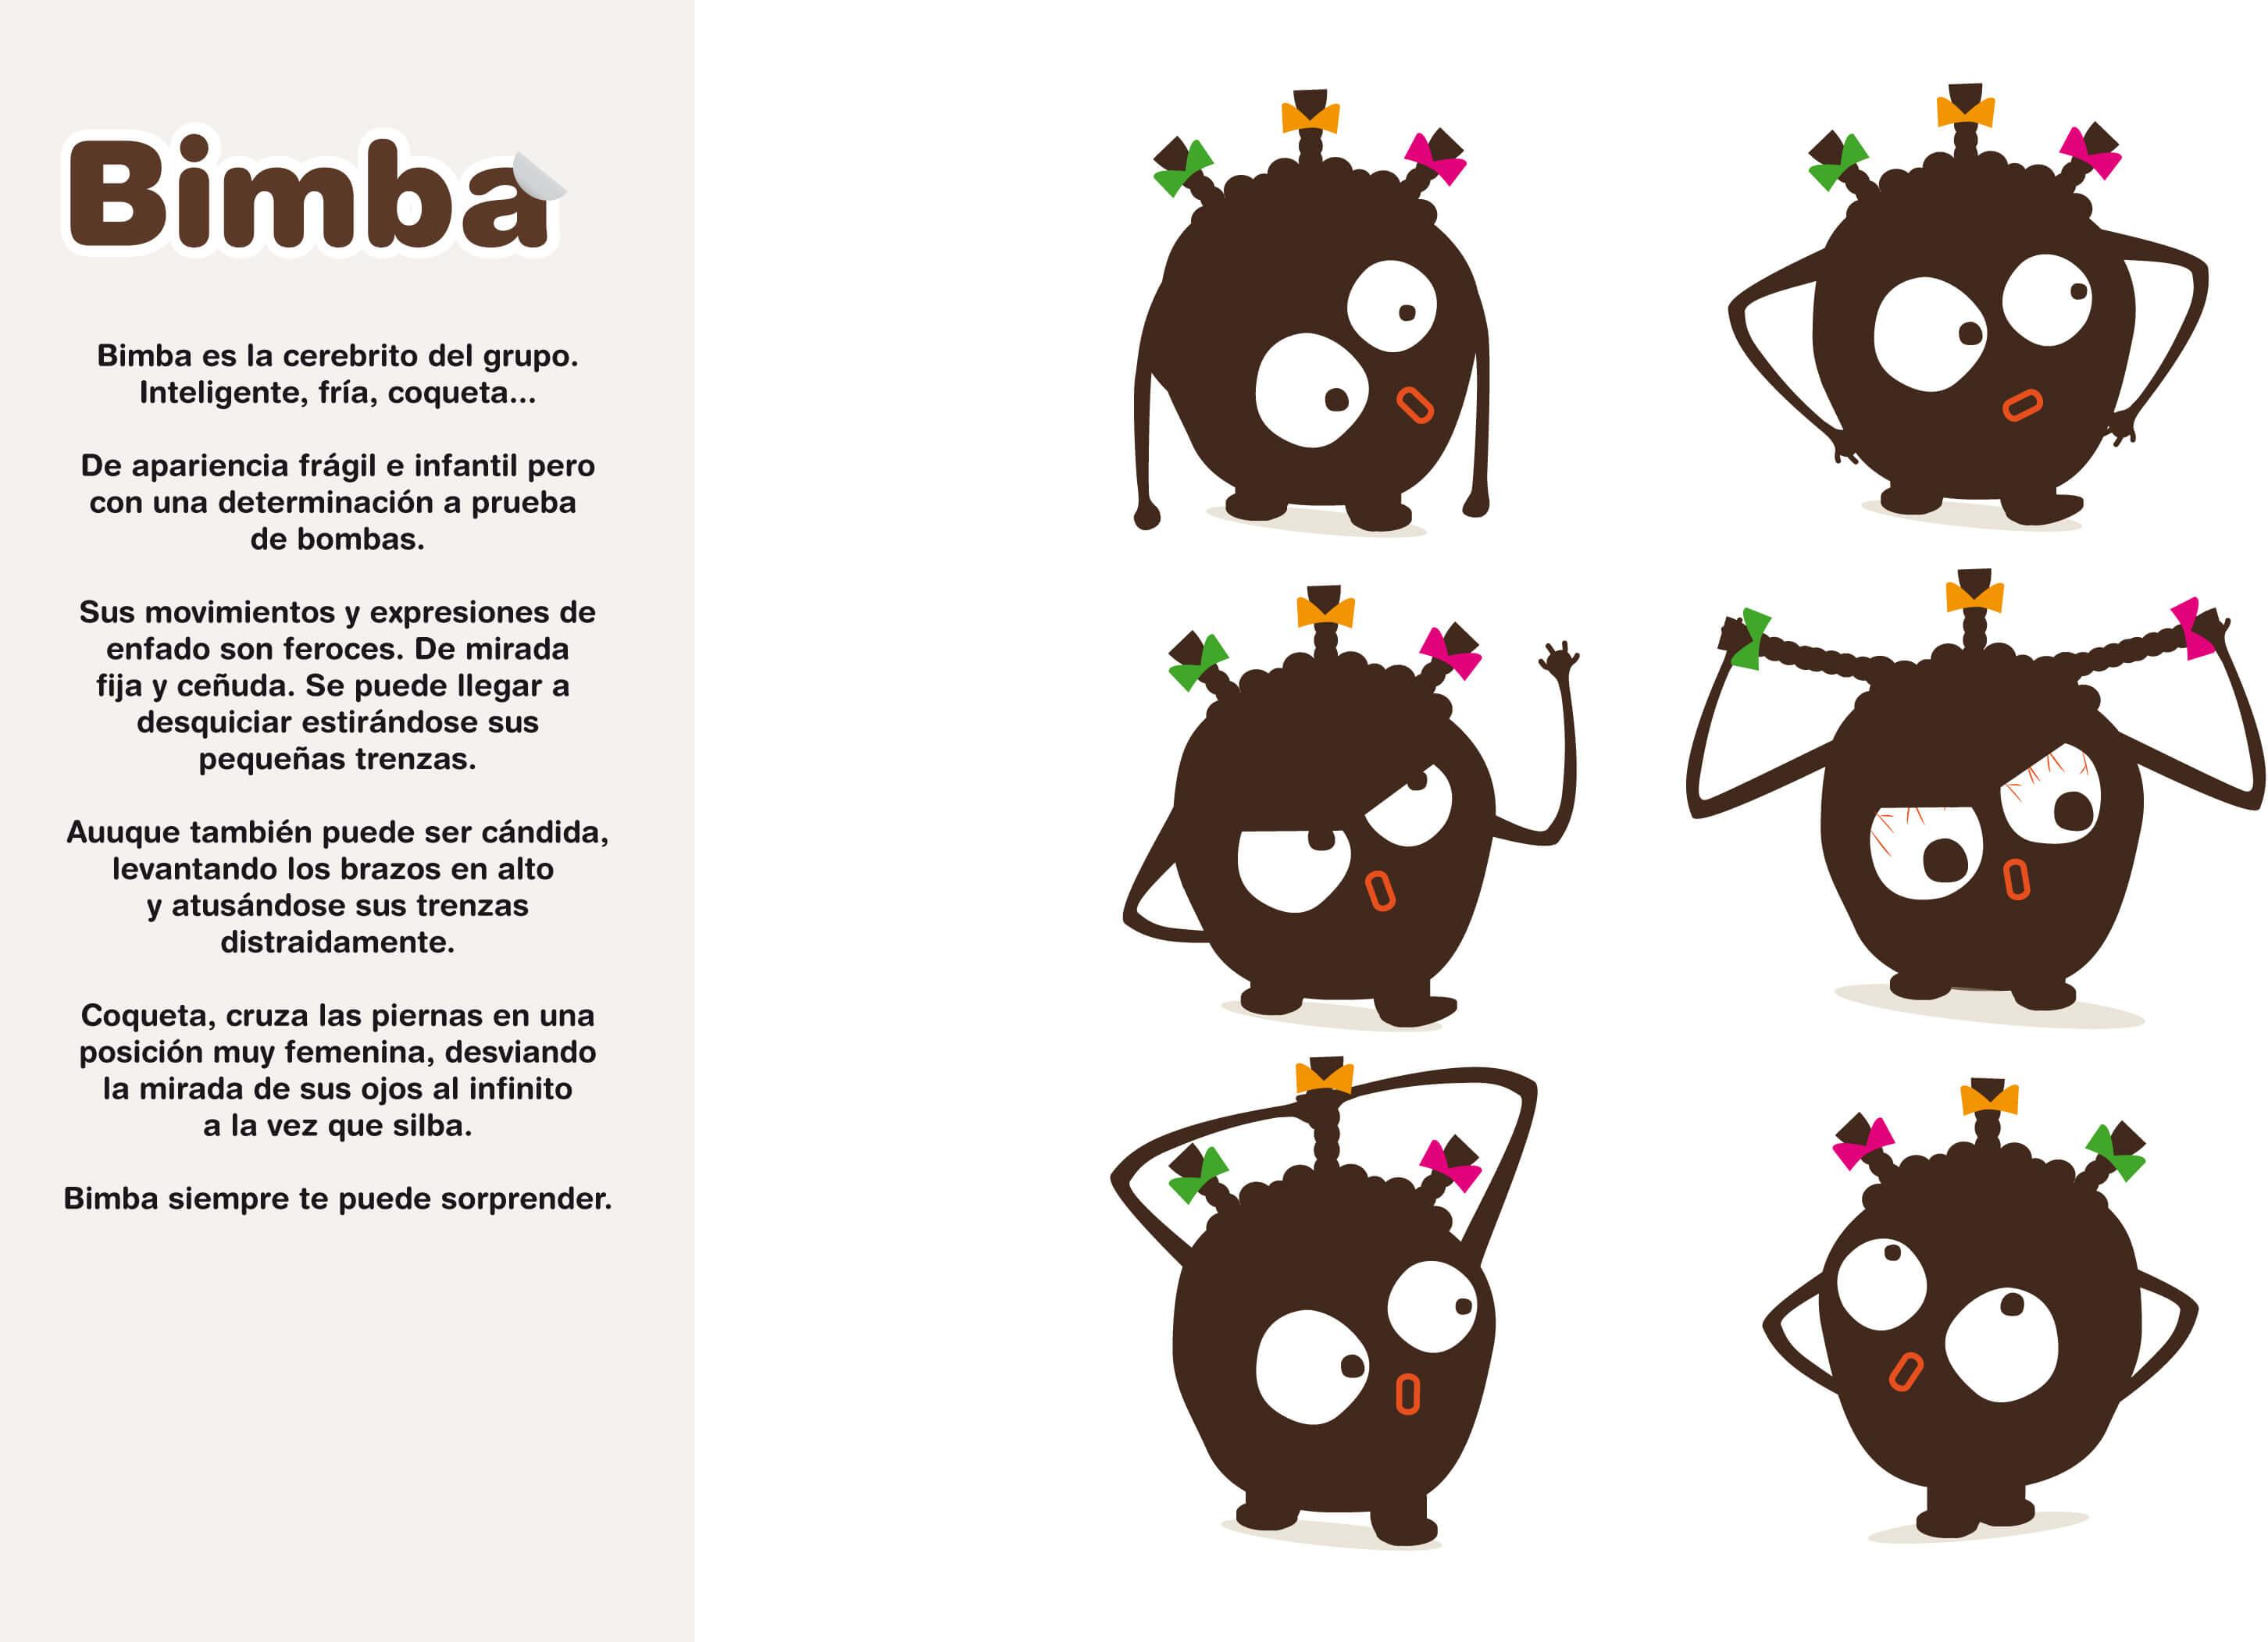 presentacion-mr-plimton-bimba